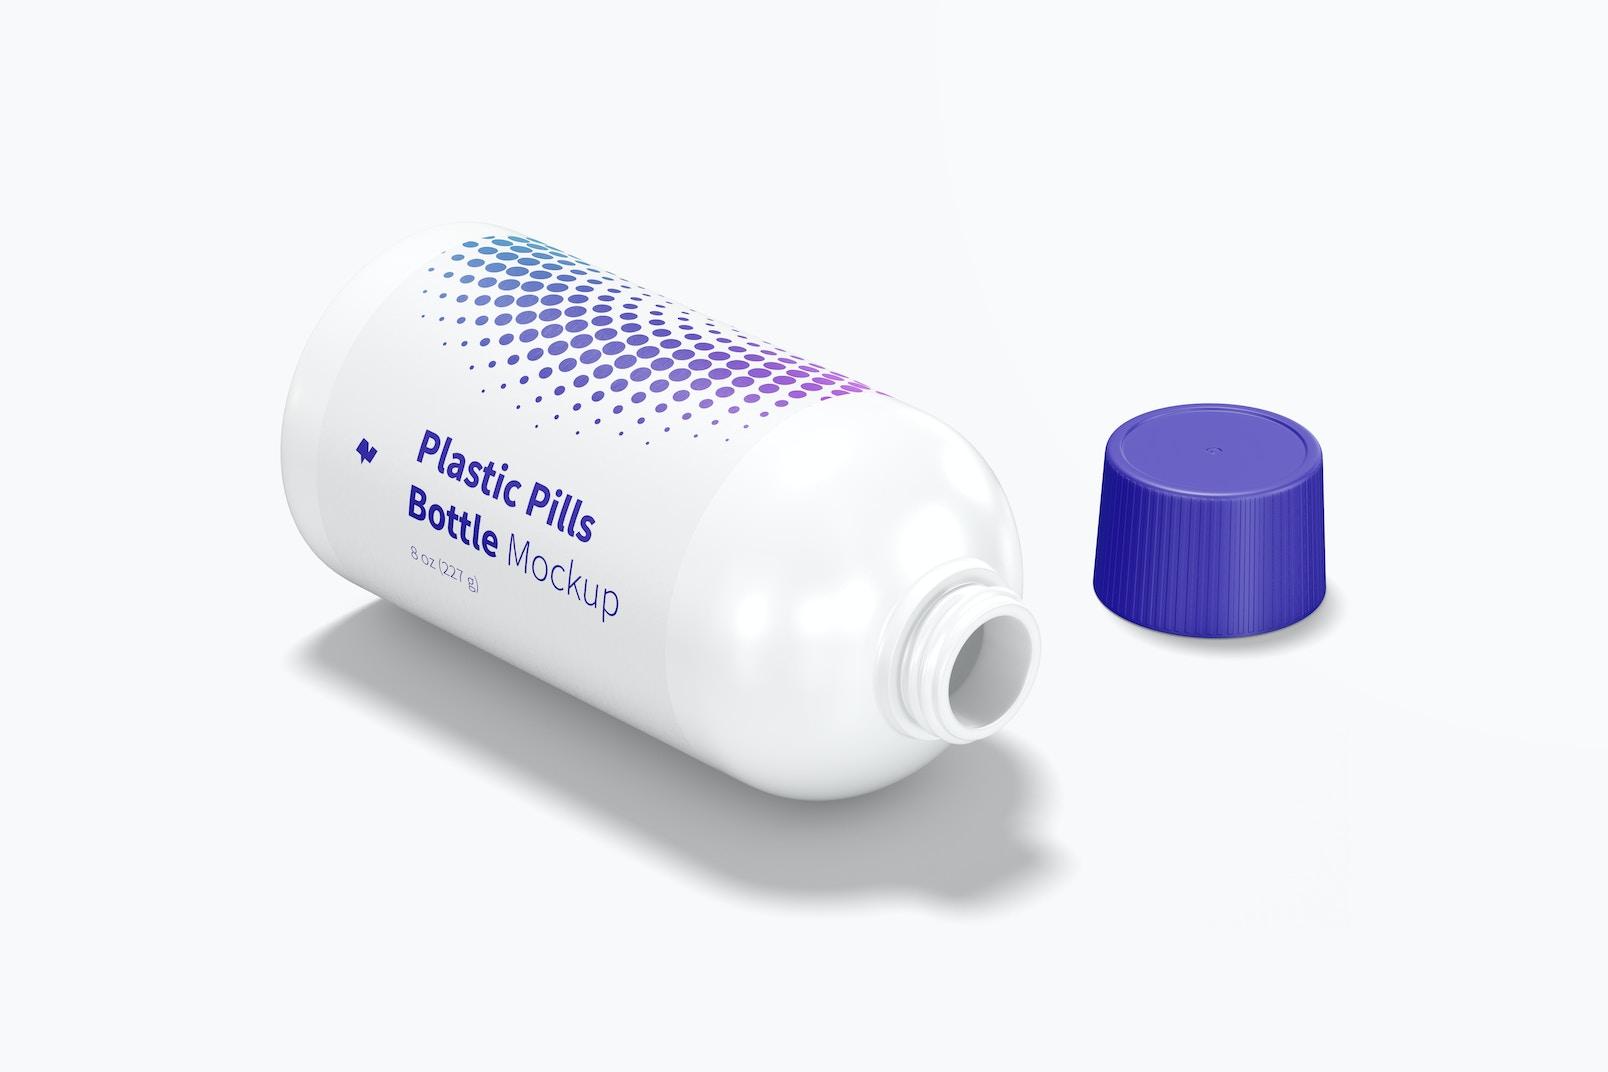 Plastic Pills Bottle Mockup, Opened